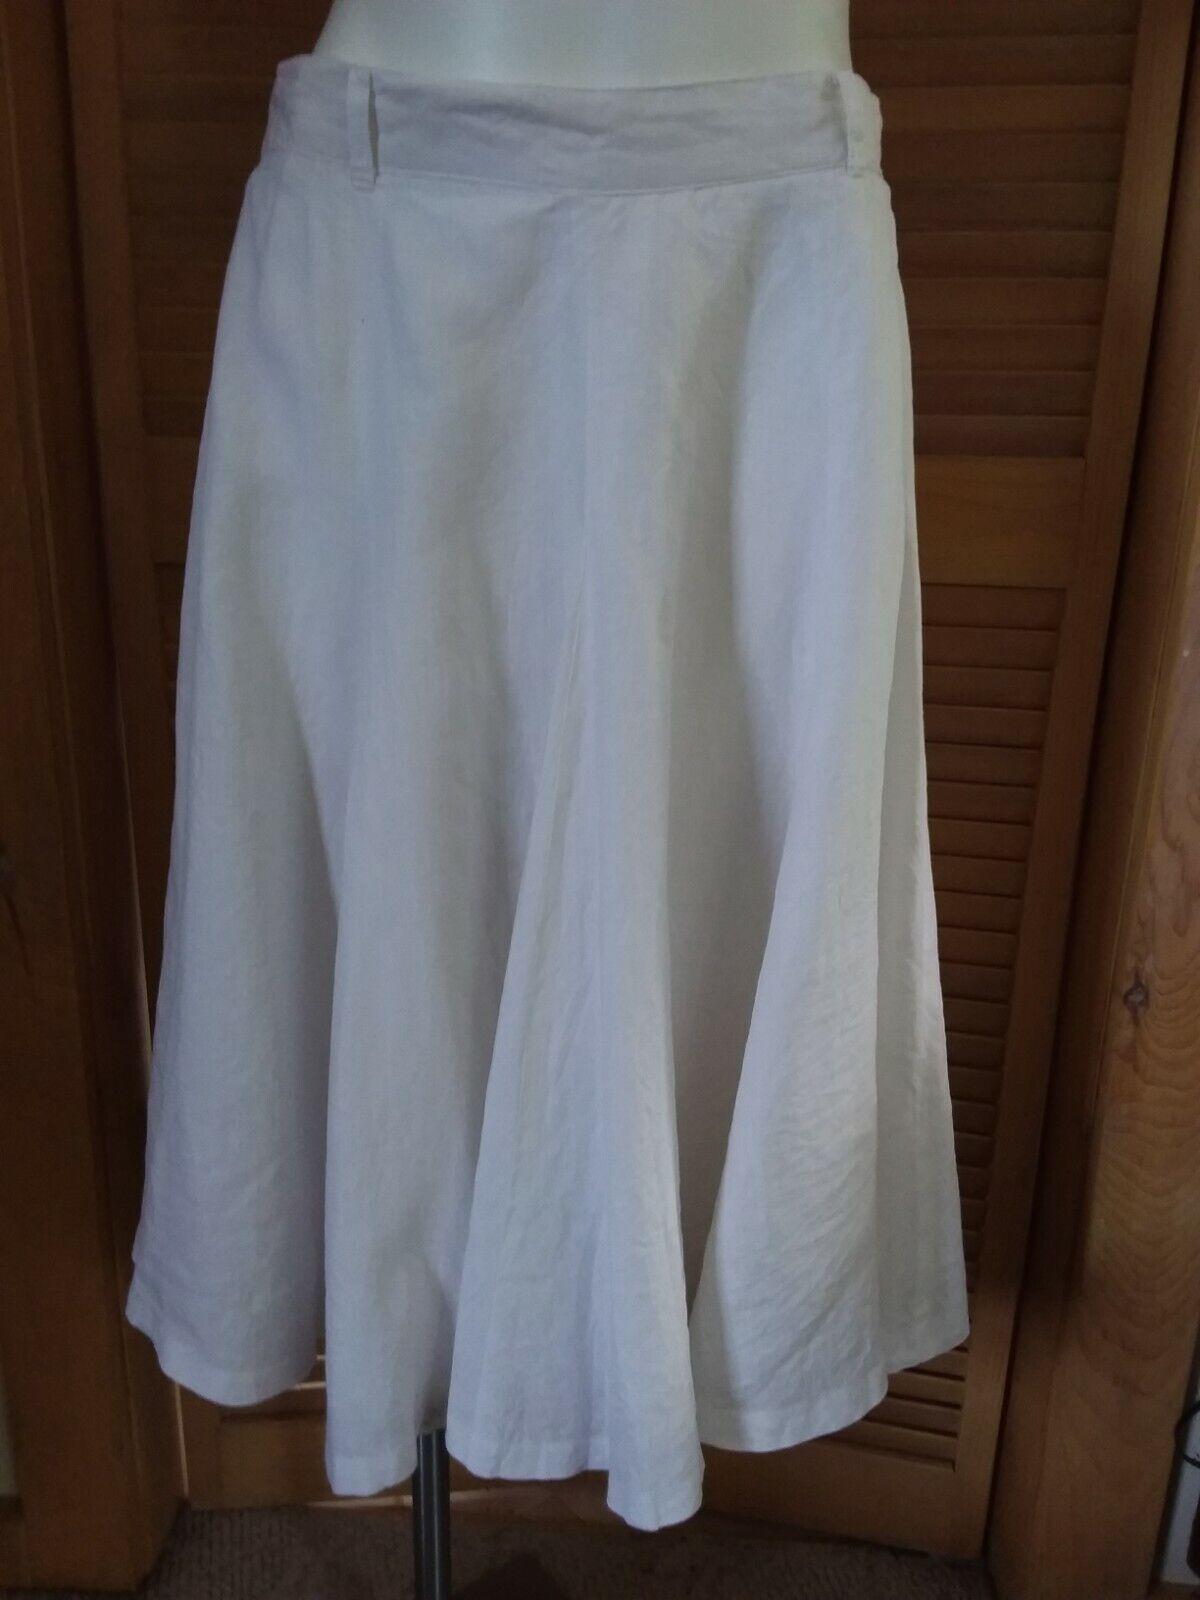 VTG ESCADA Margaretha Ley Full Lined Below Knee SKIRT Pure White Linen 32